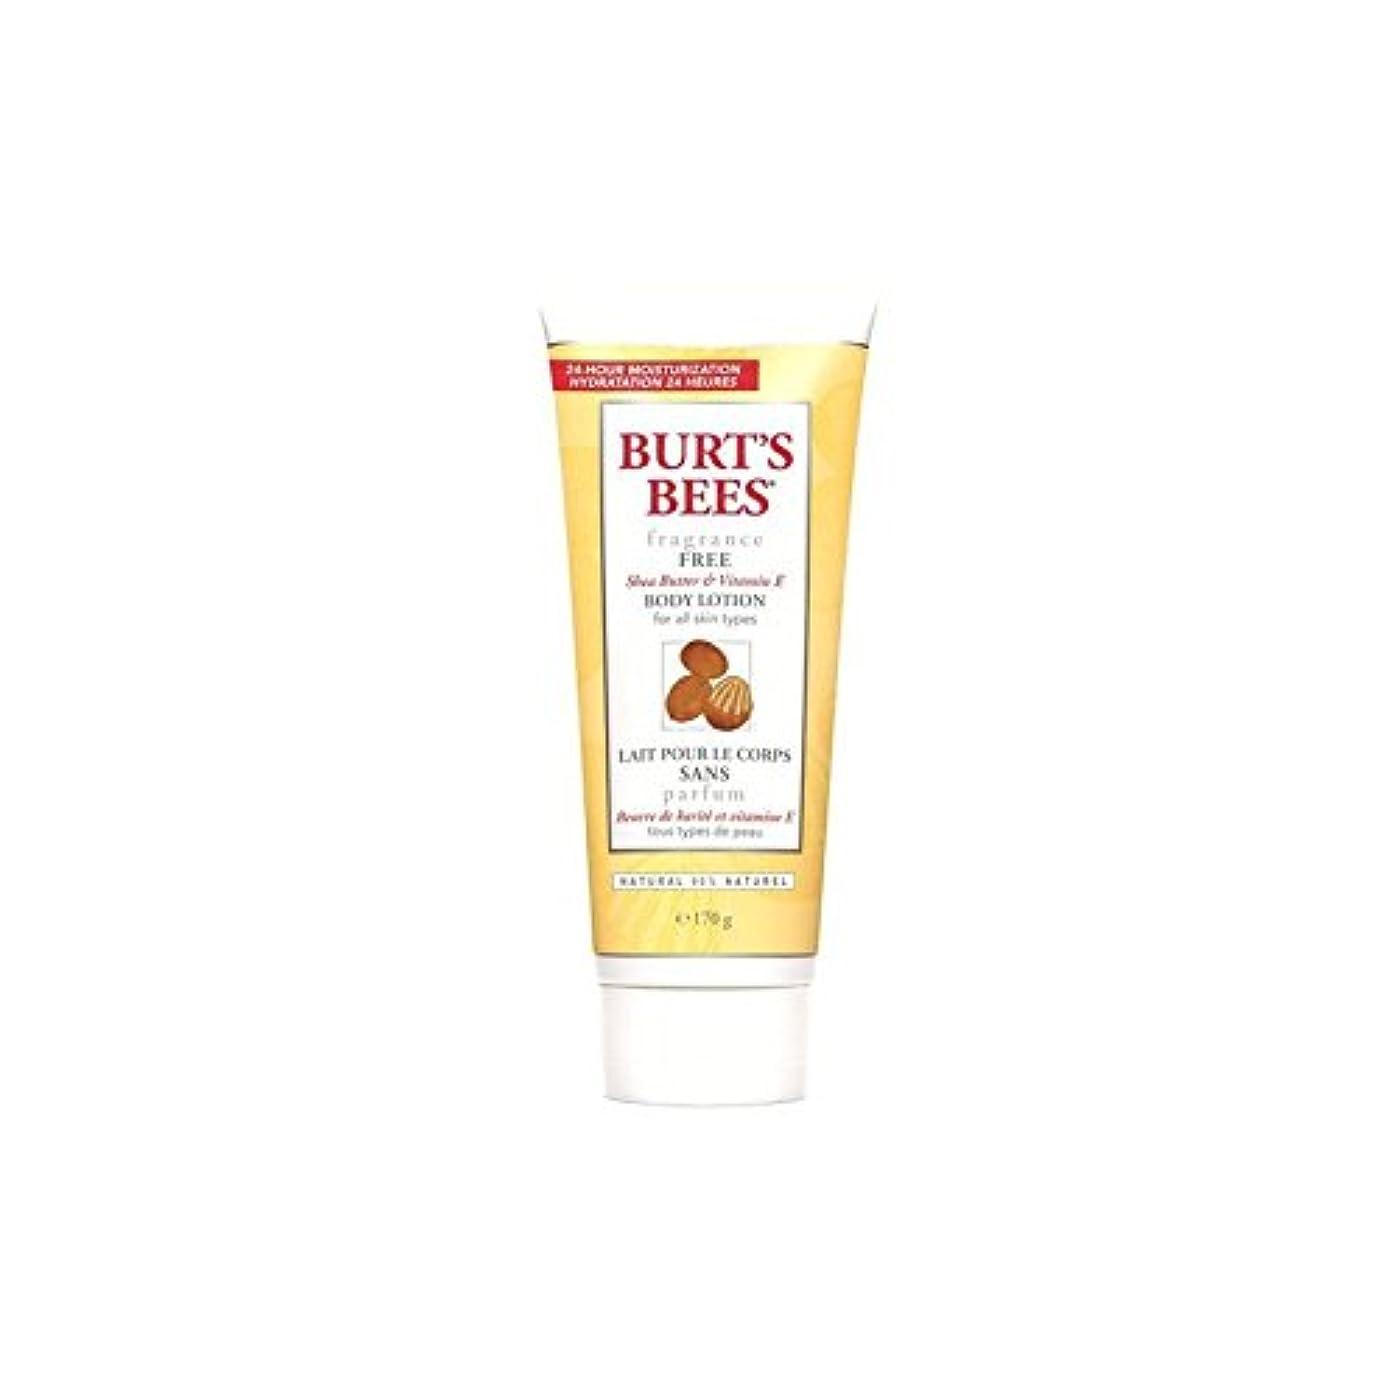 思いつく血色の良い種類Burt's Bees Body Lotion - Fragrance Free 6fl oz (Pack of 6) - バーツビーボディローション - 無香料6オンス x6 [並行輸入品]